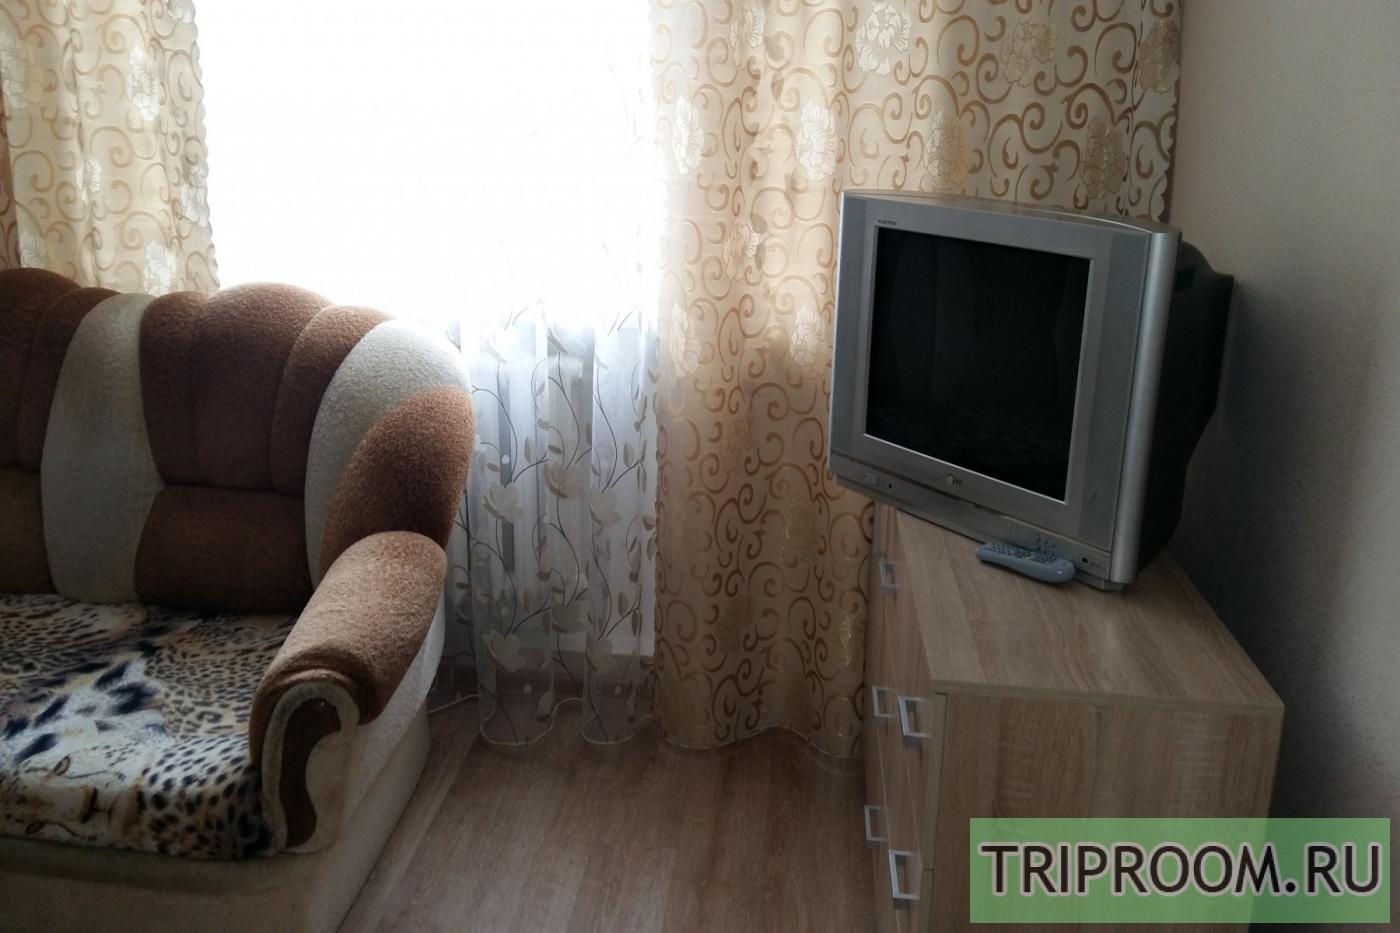 1-комнатная квартира посуточно (вариант № 22588), ул. Стара-Загора улица, фото № 9